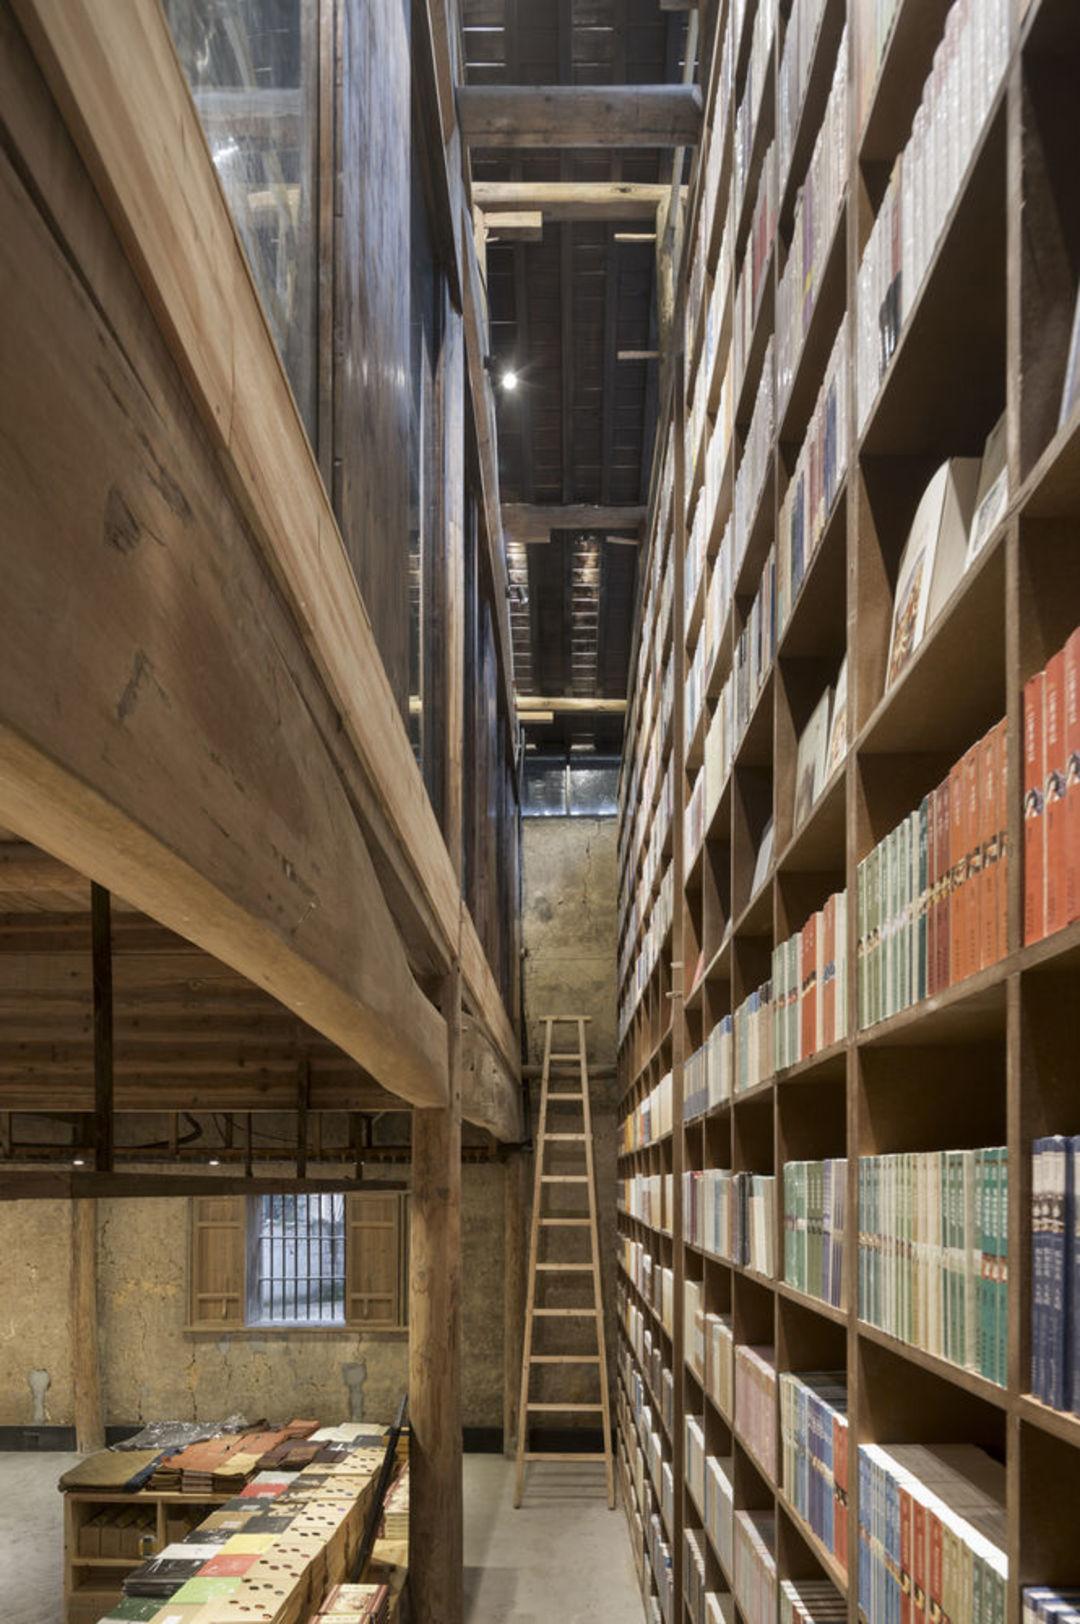 南京先锋书店的第11家分店,开在杭州乡村土坯房里_设计_好奇心日报